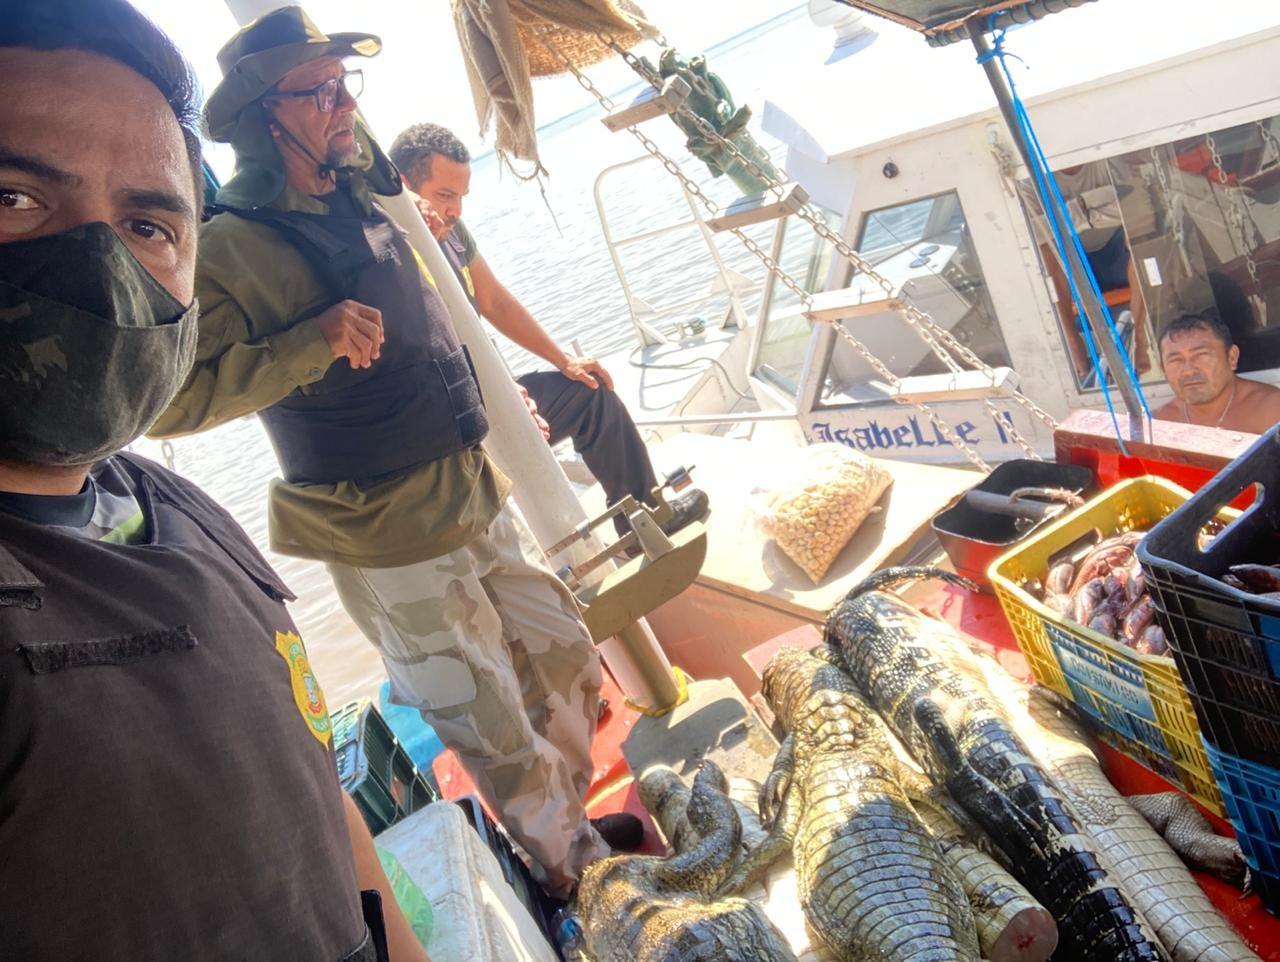 Semma e policiamento ambiental apreendem mais de 200 kg de carne de jacaré em barco pesqueiro